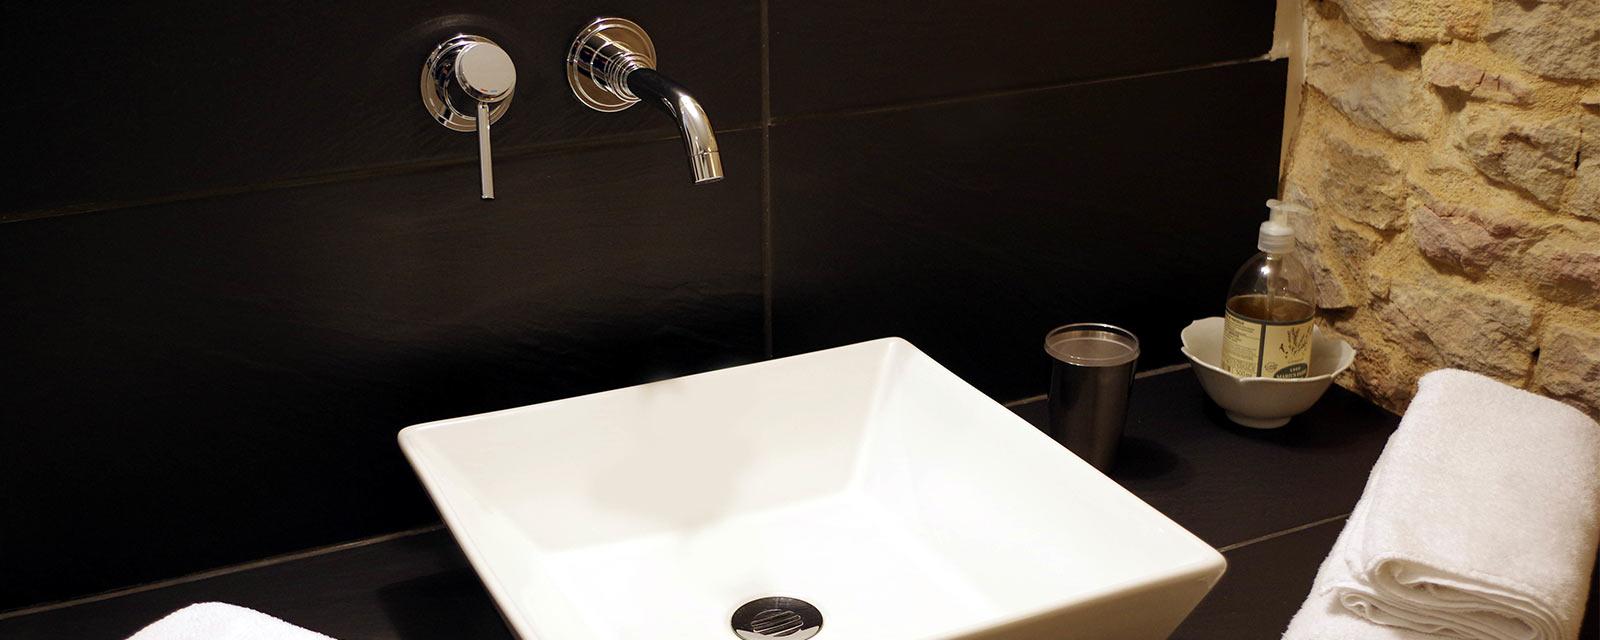 Lavabo Personne Mobilité Réduite lavabo ou vasque : la différence à connaître | guide artisan